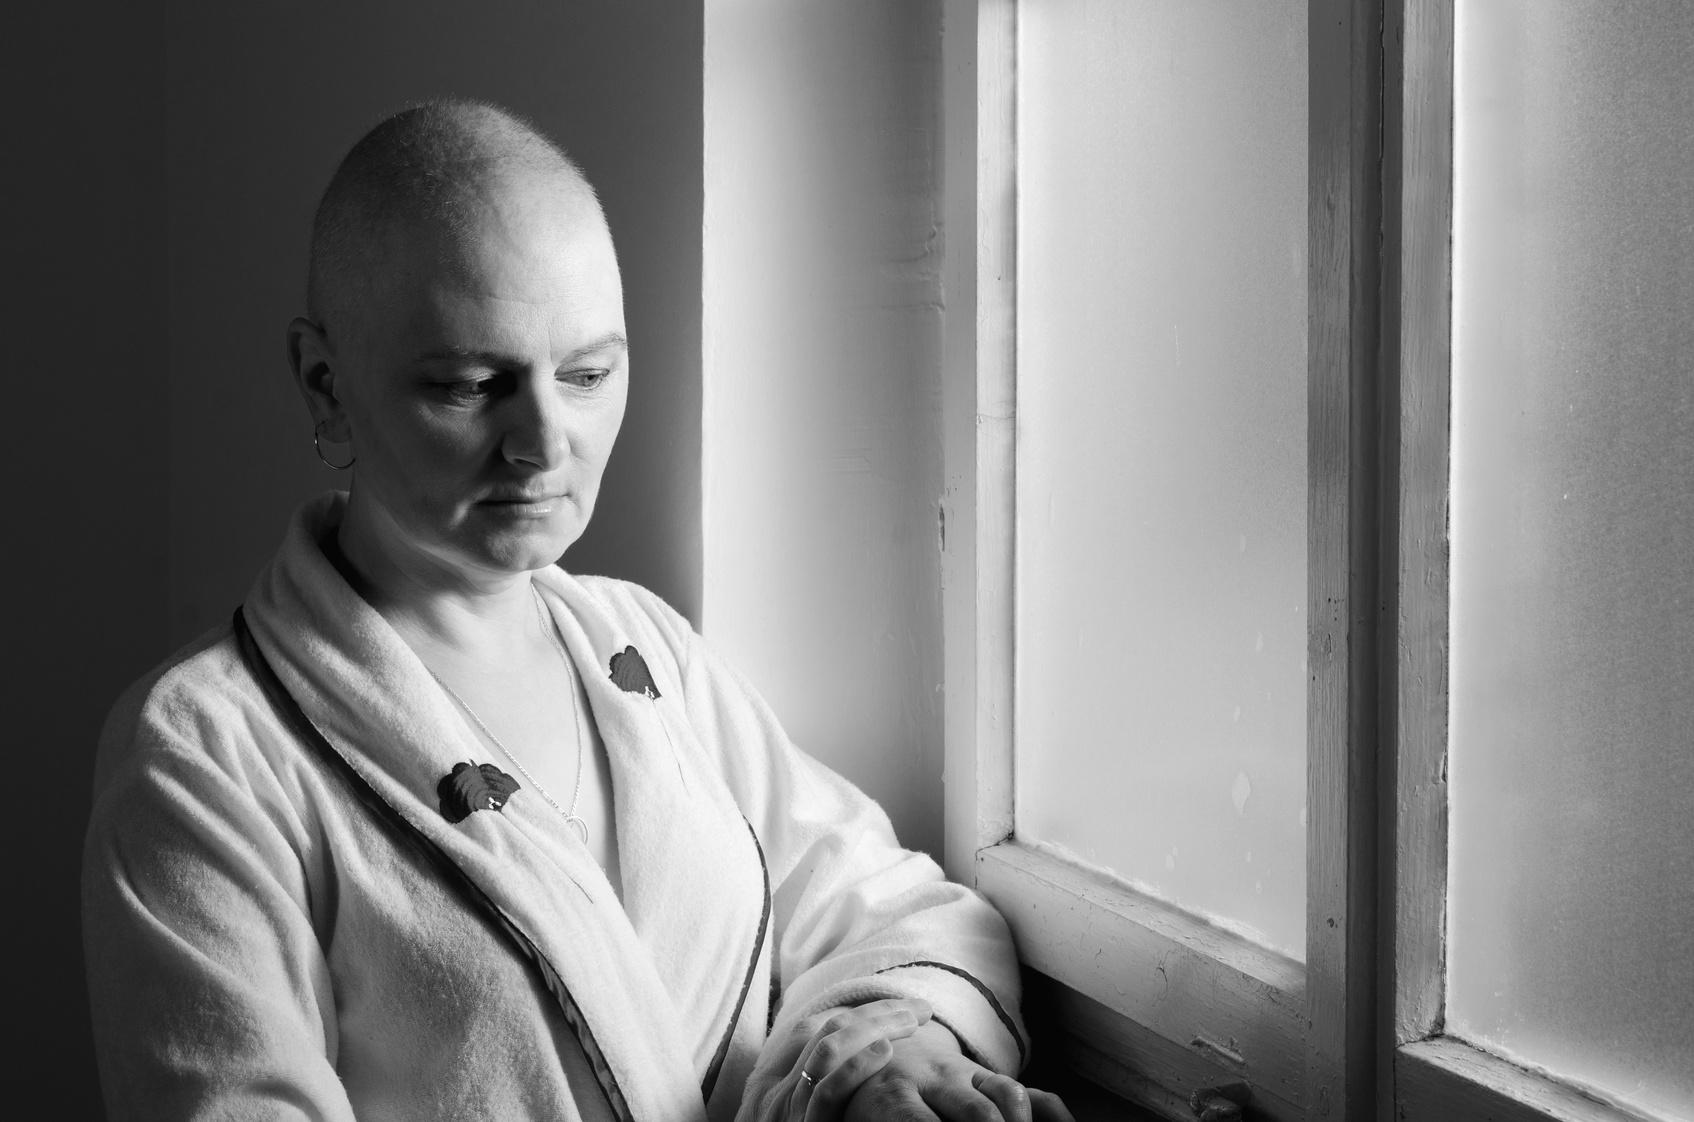 Moćan savjet žene koja je doživjela kliničku smrt liječeći se od raka